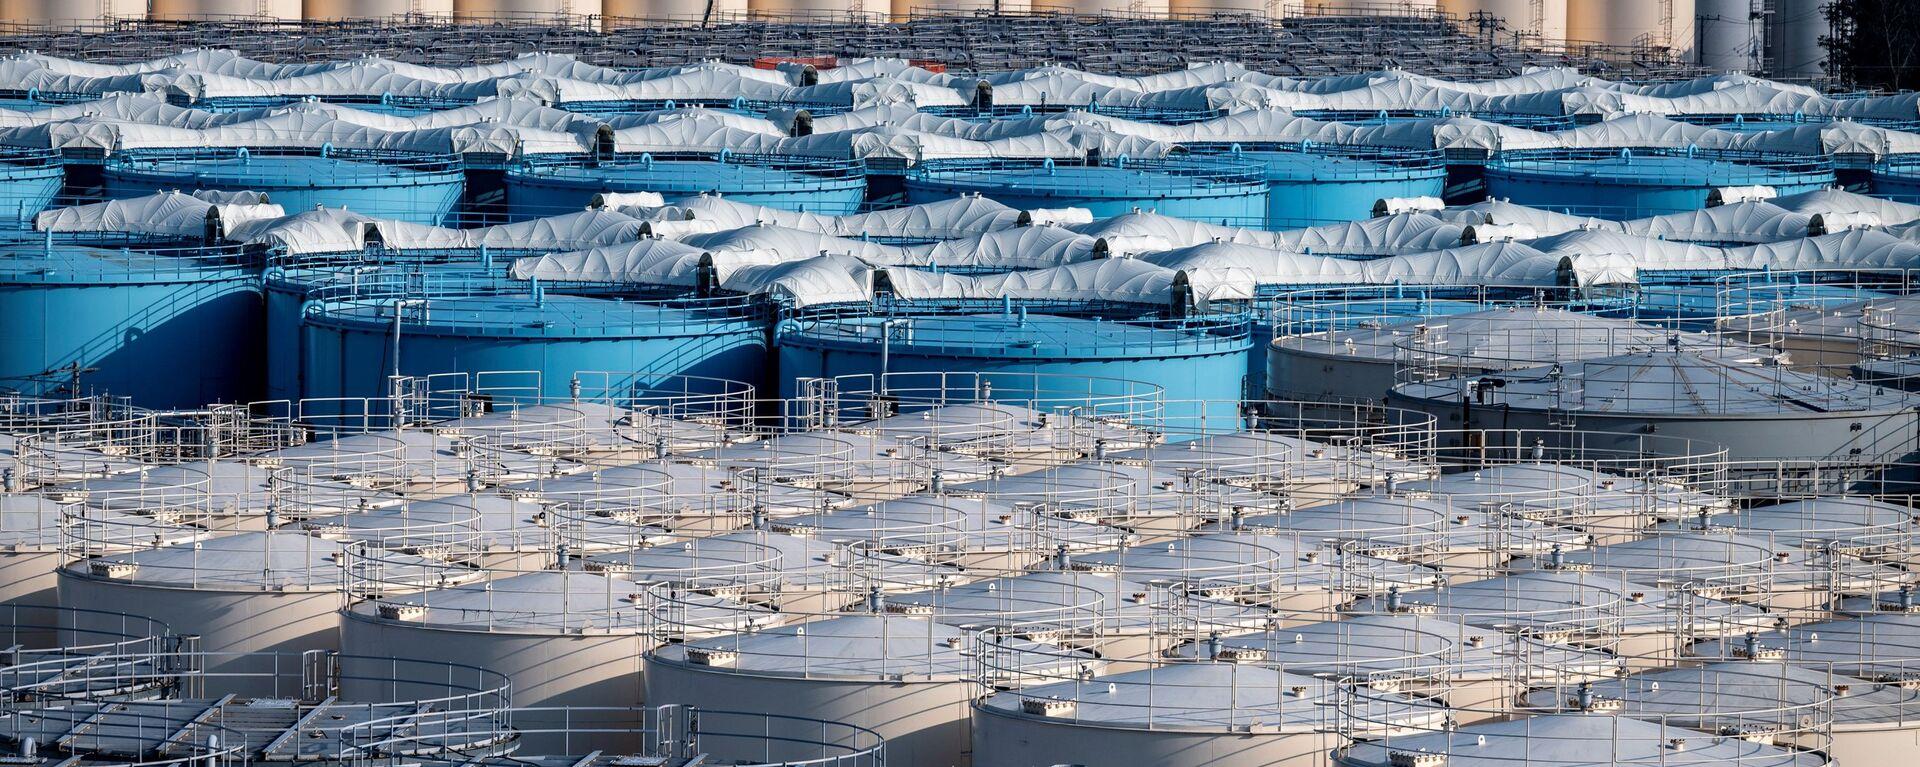 Bể chứa nước nhiễm xạ của nhà máy điện hạt nhân Fukushima. - Sputnik Việt Nam, 1920, 14.04.2021